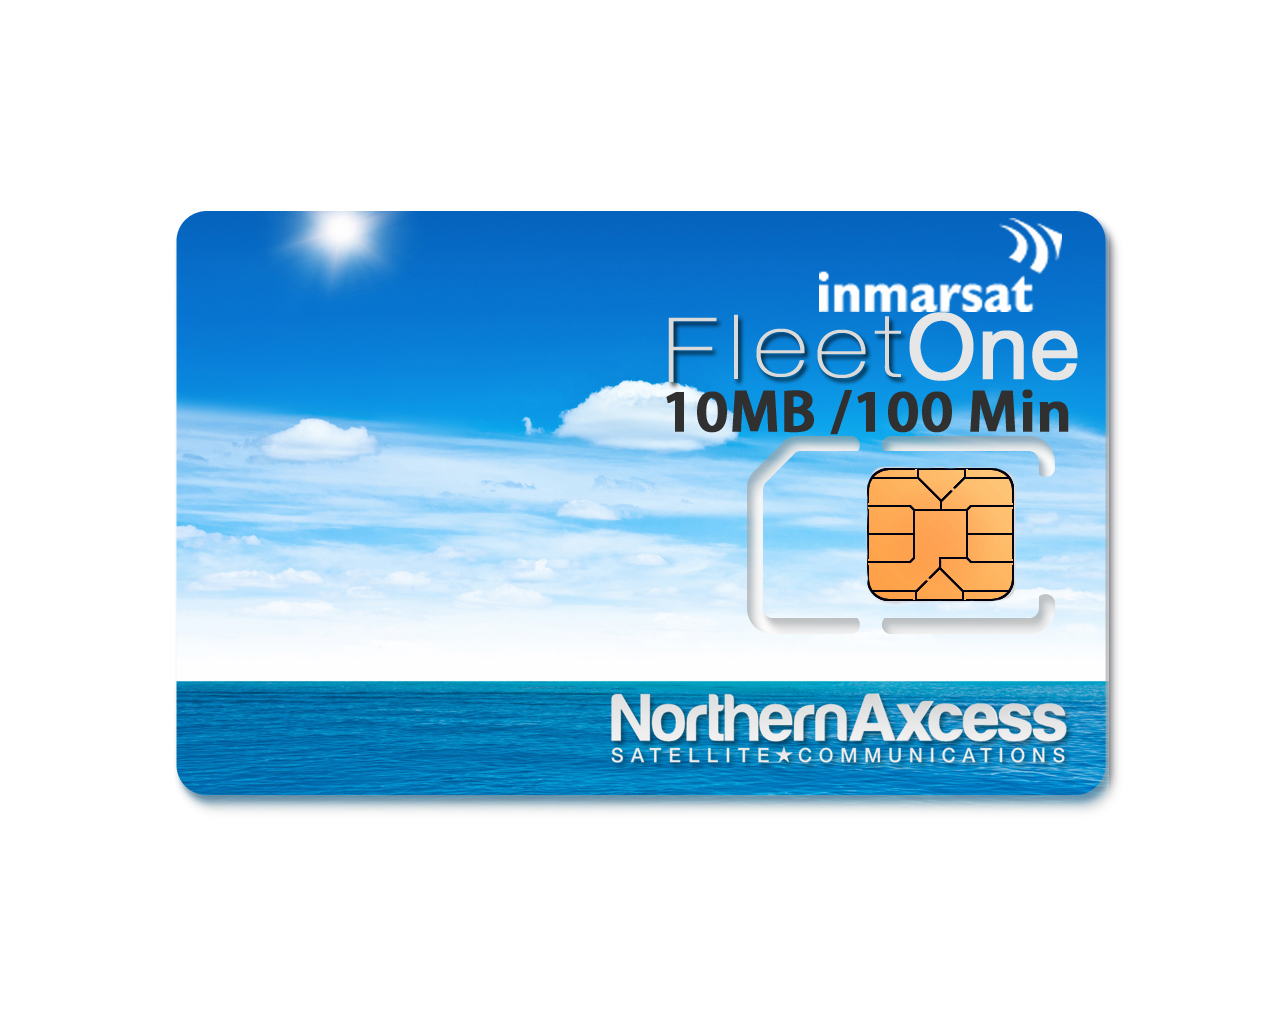 10Mb inmarsat fleet one - 10mb / 100 minutes sim card